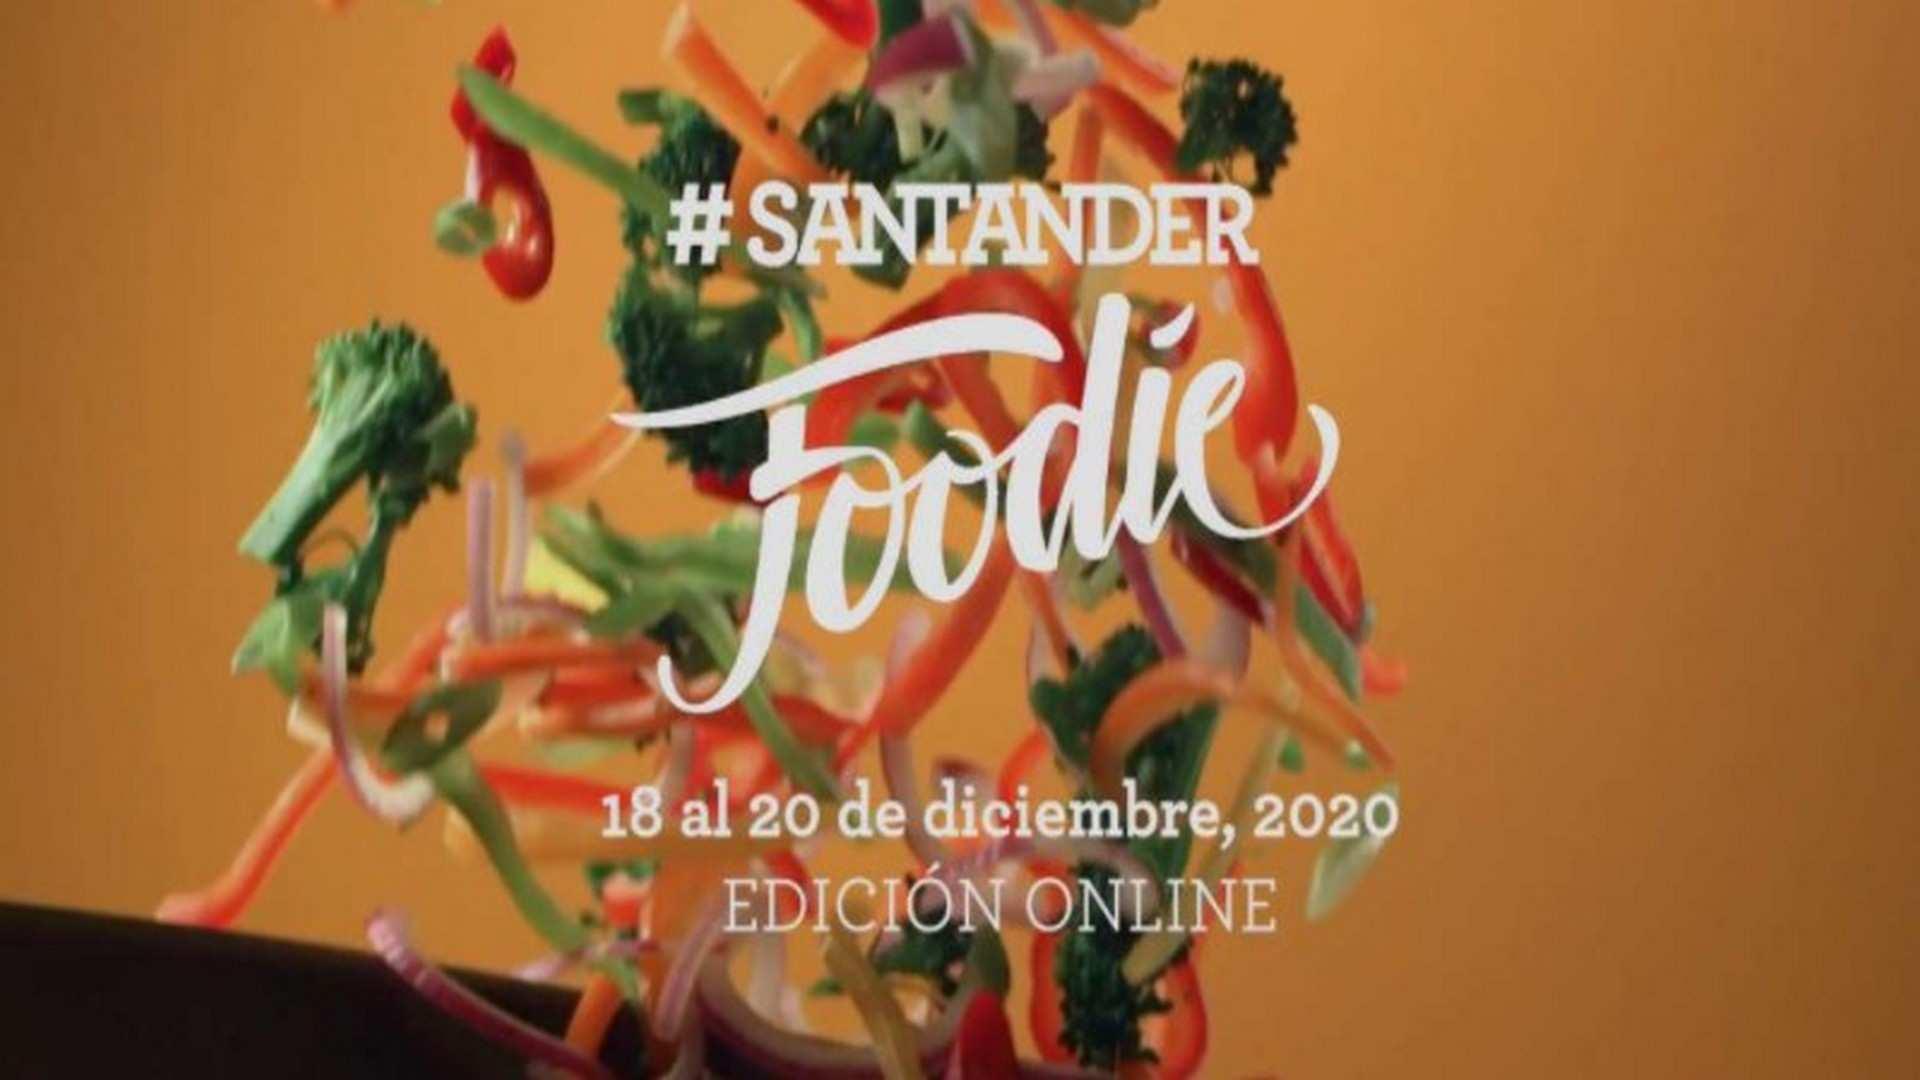 #santander foodie